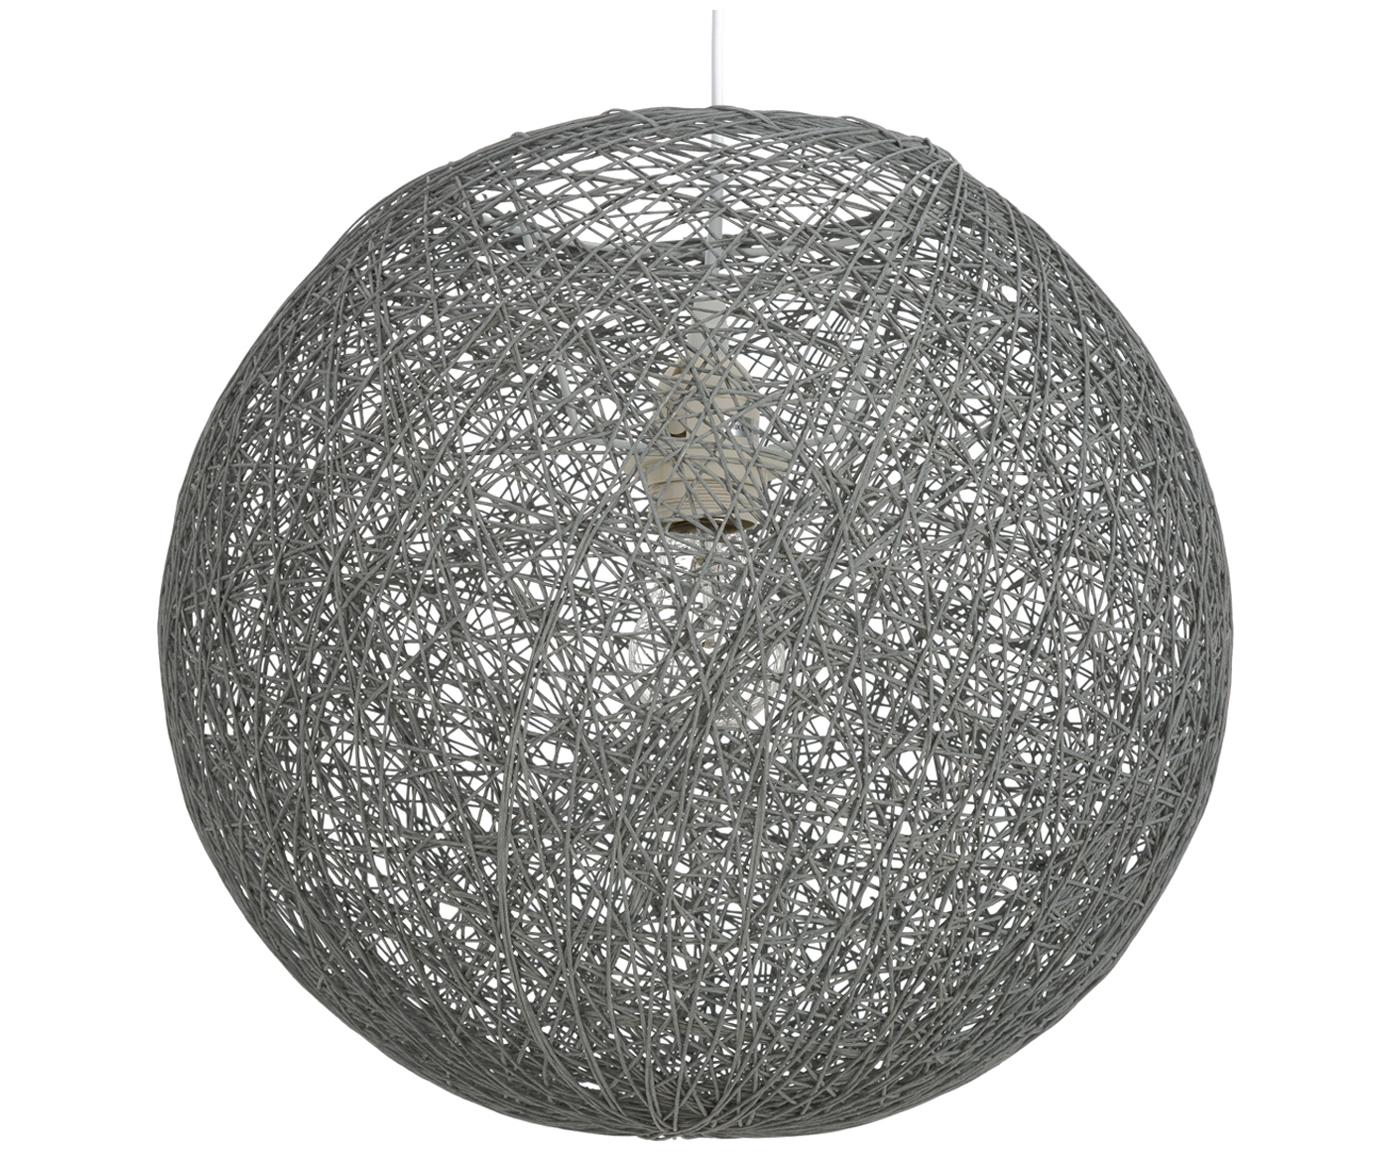 Lampa wisząca z papieru Tvist, Szary, Ø 38 x 36 cm